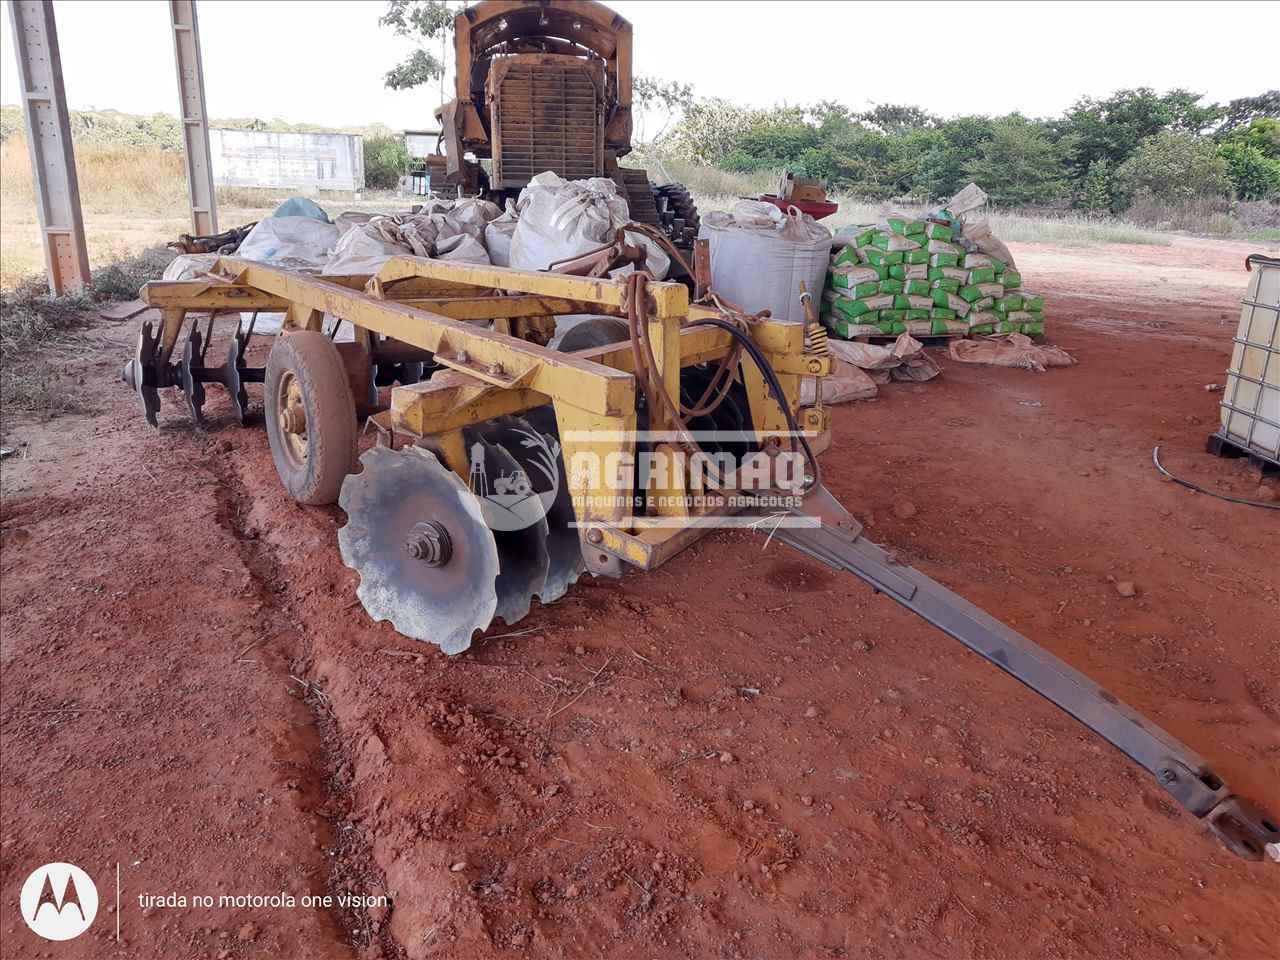 IMPLEMENTOS AGRICOLAS GRADE INTERMEDIÁRIA INTERMEDIÁRIA 20 DISCOS Agrimaq Máquinas e Implementos Agrícolas LUCAS DO RIO VERDE MATO GROSSO MT